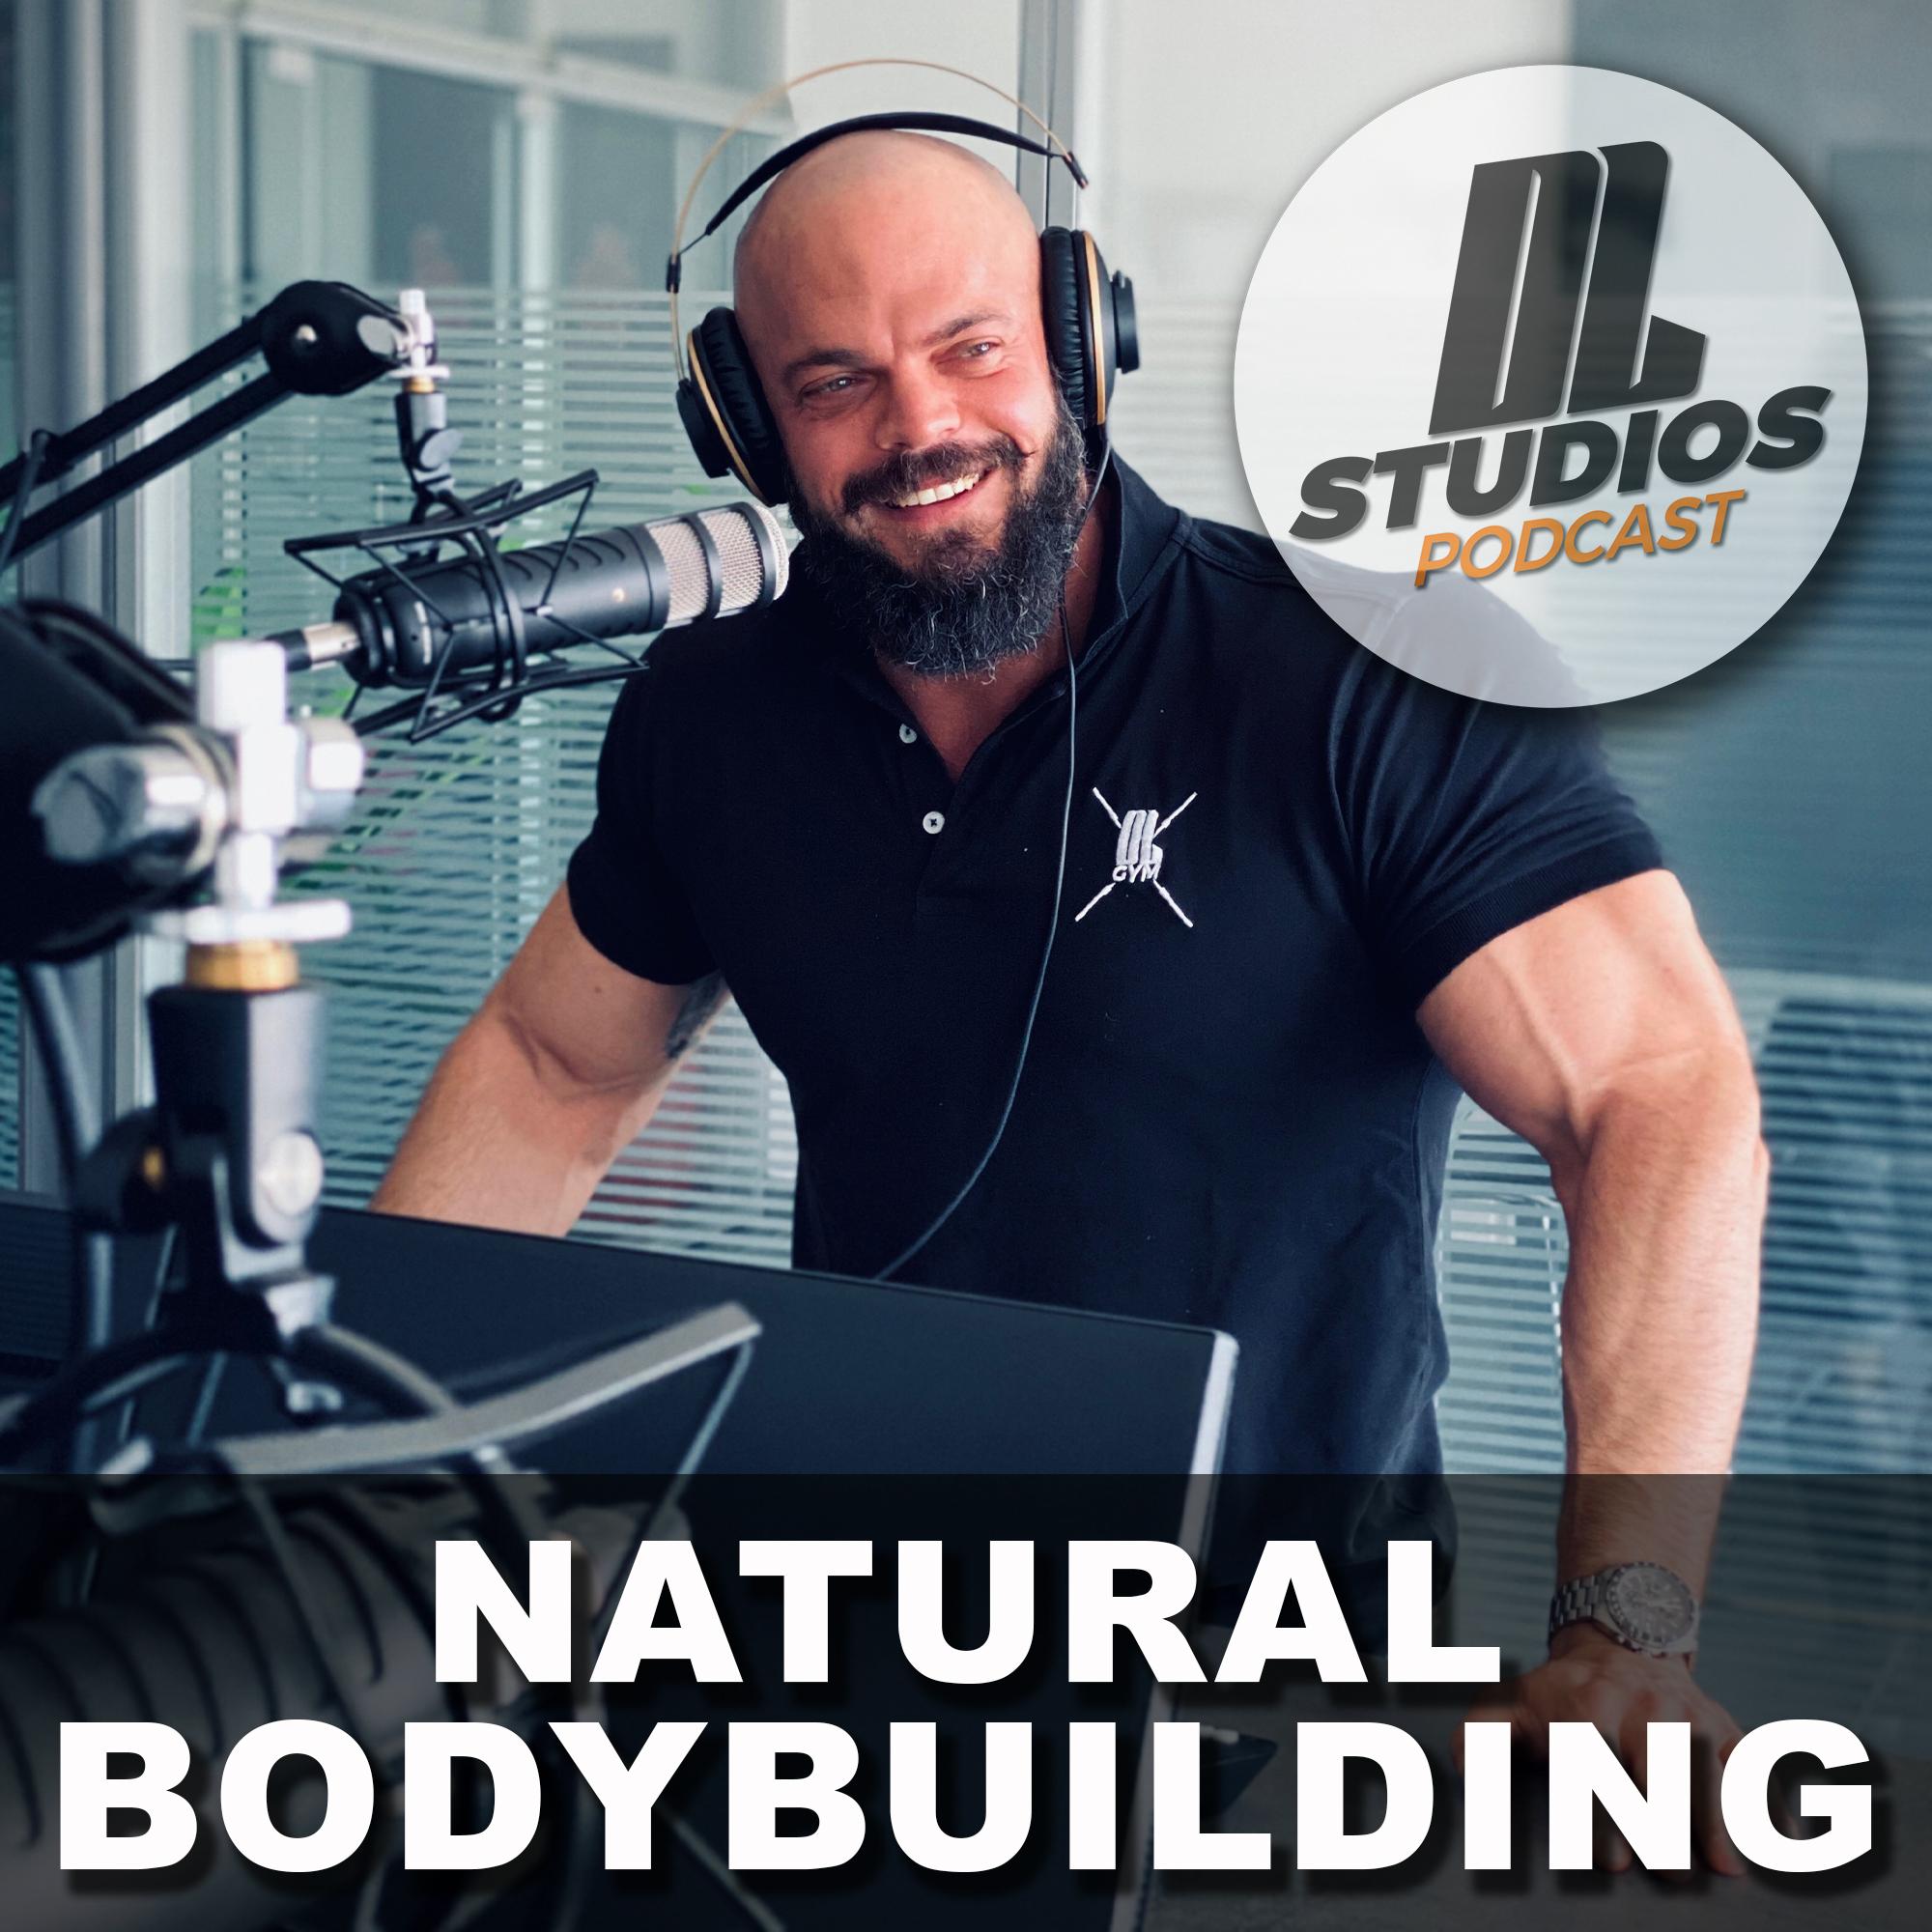 Ex campione Italiano di Natural Bodybuilding al DL Podcast